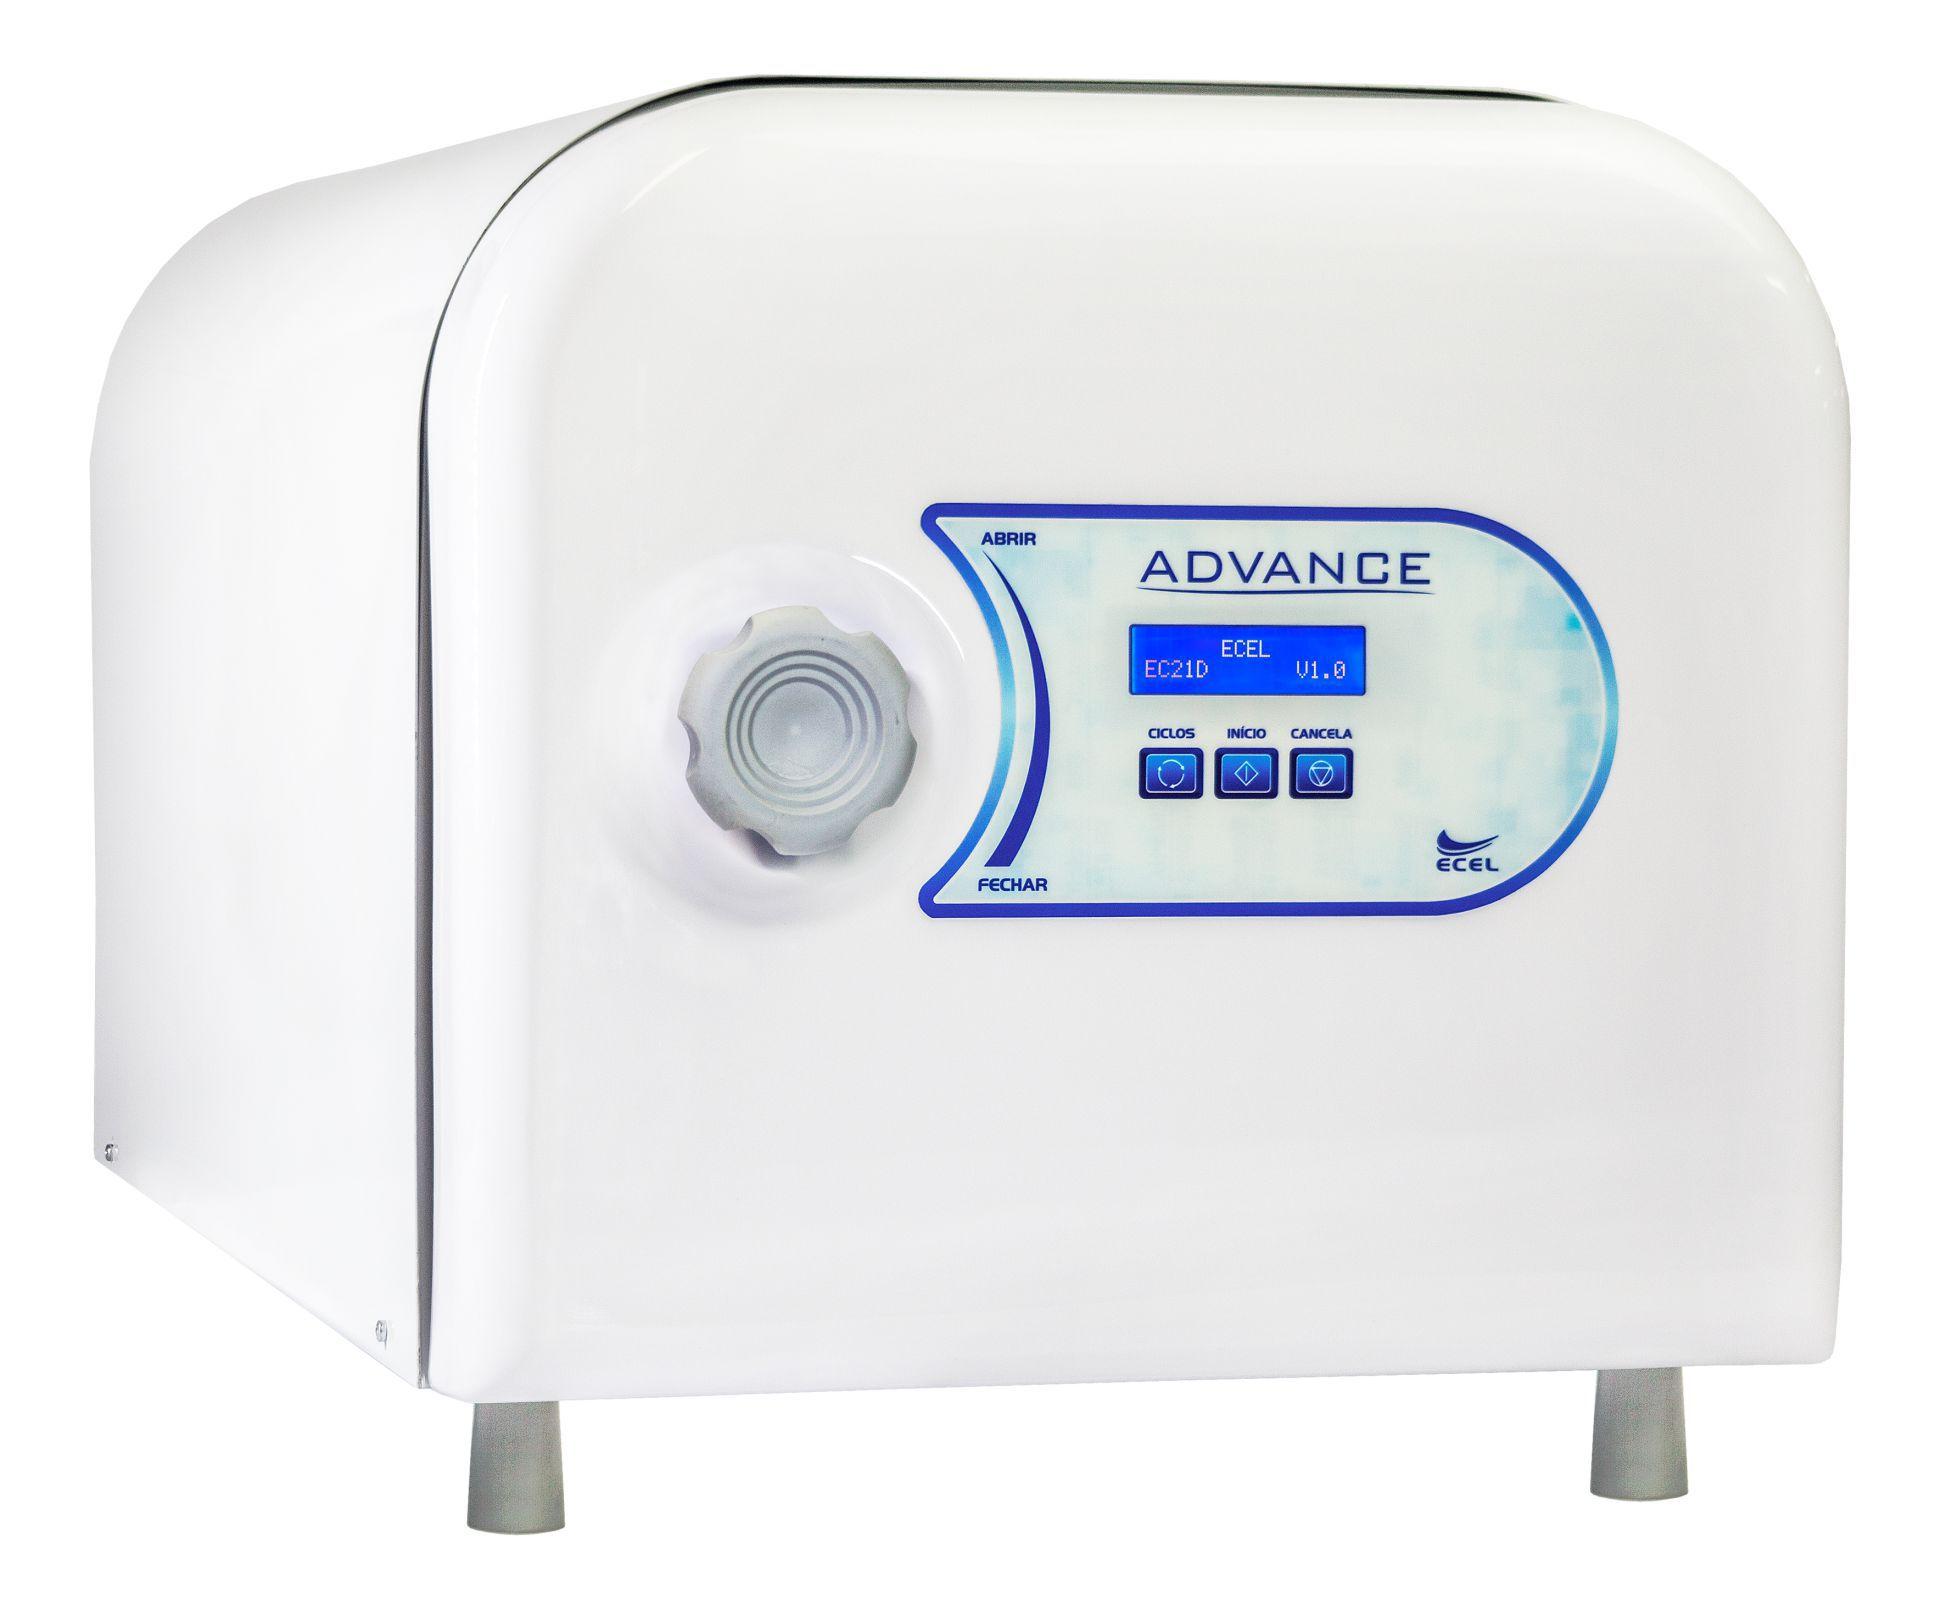 Autoclave 21 Litros EC21D ADVANCE